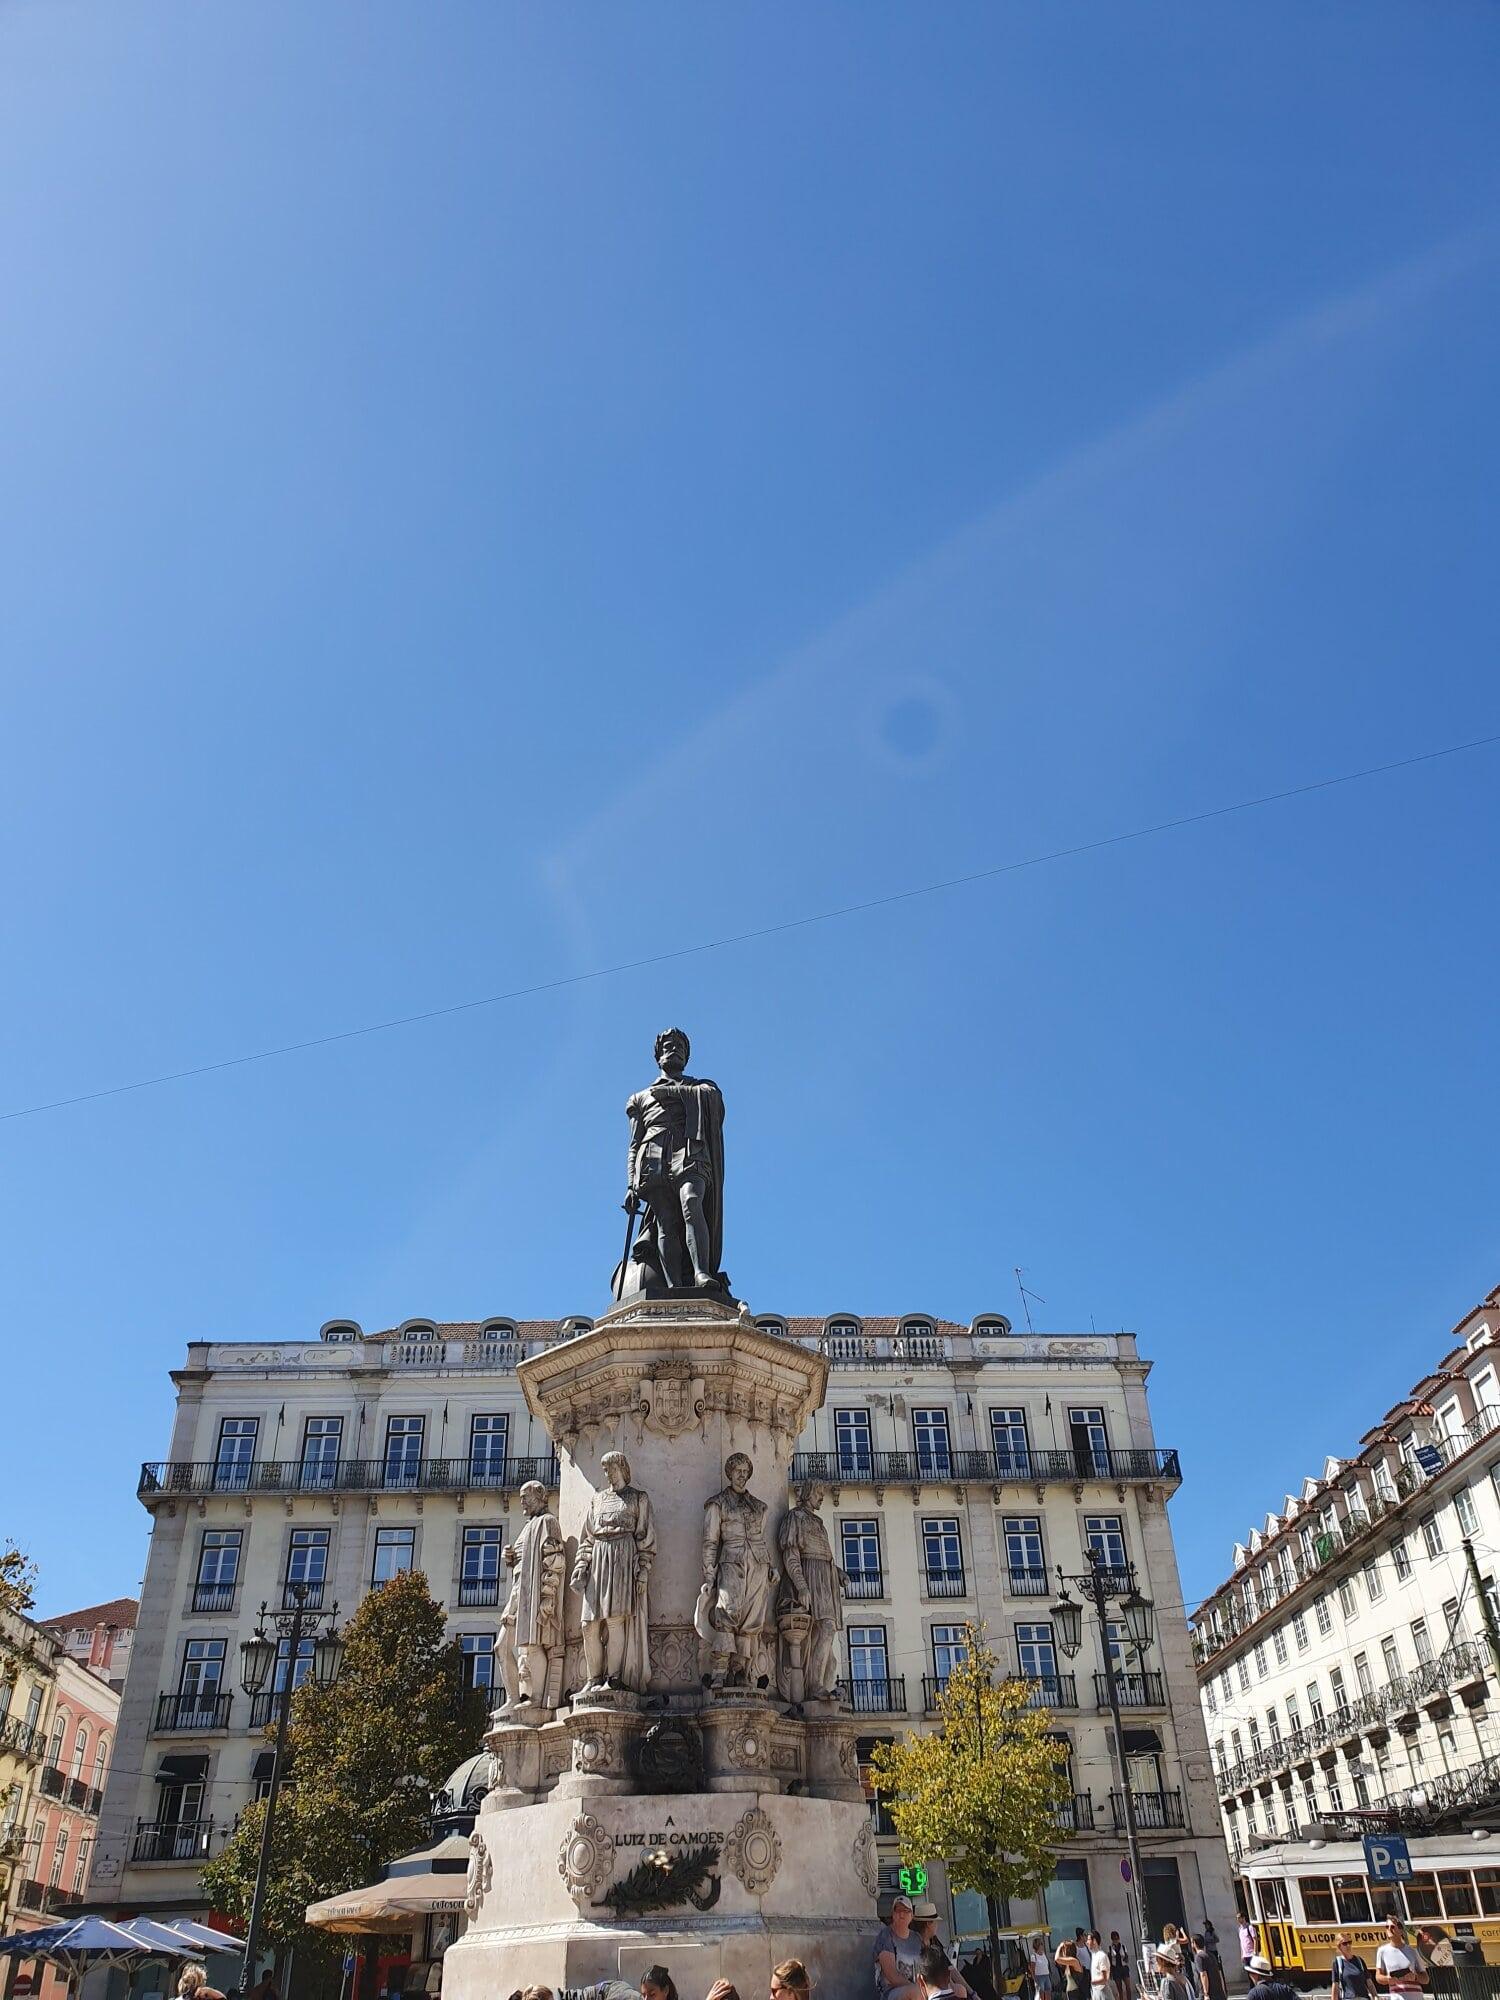 Statue sur une place à Lisbonne